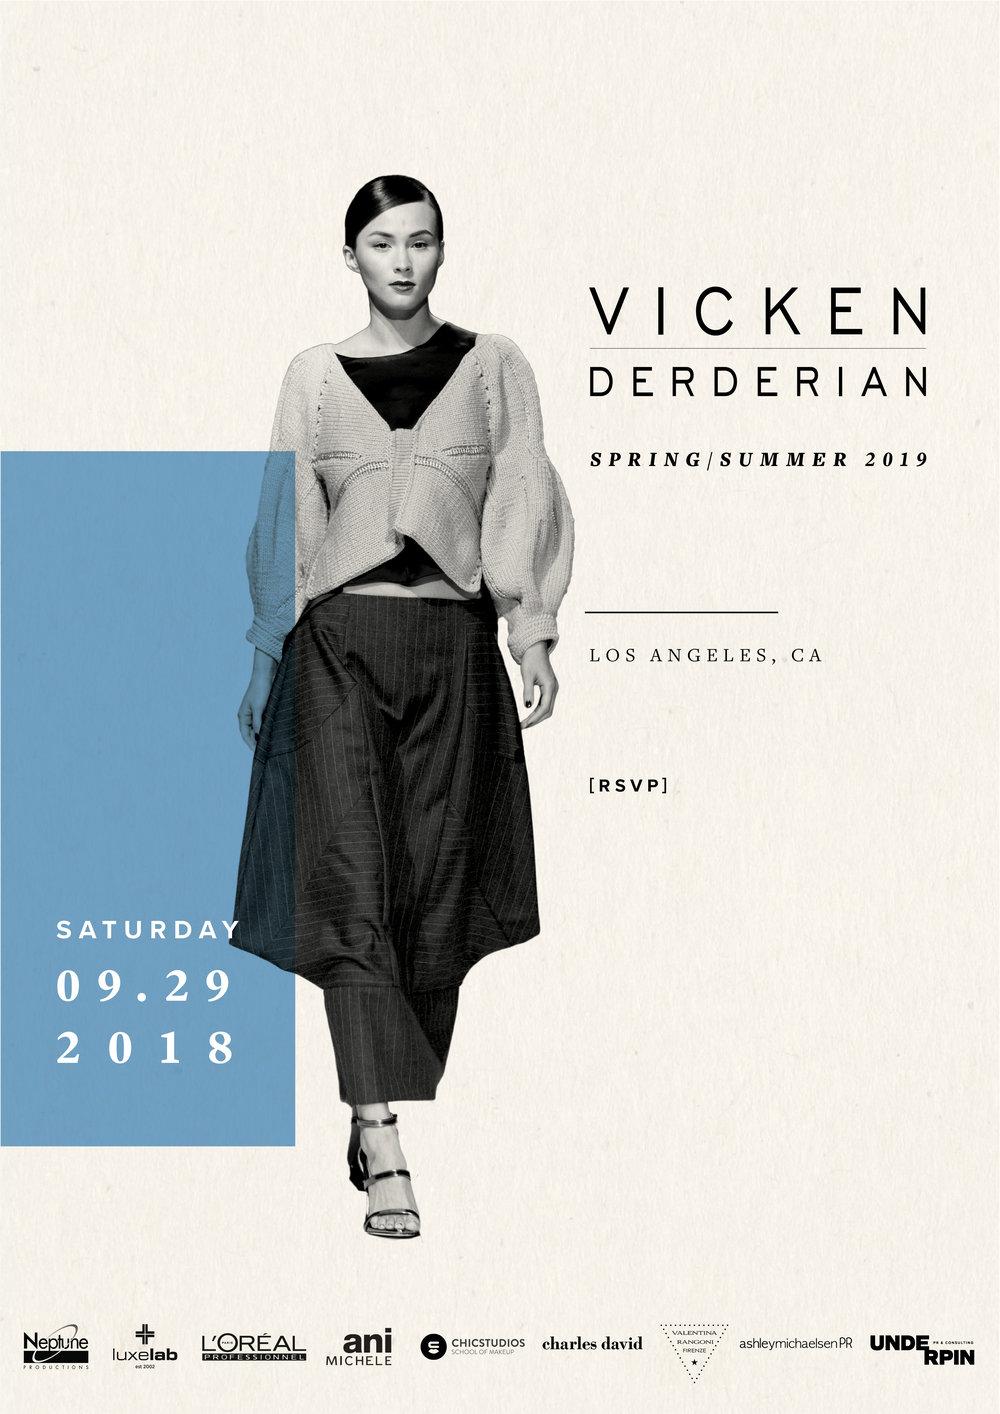 Vicken Derderian SS19_rsvp.jpg